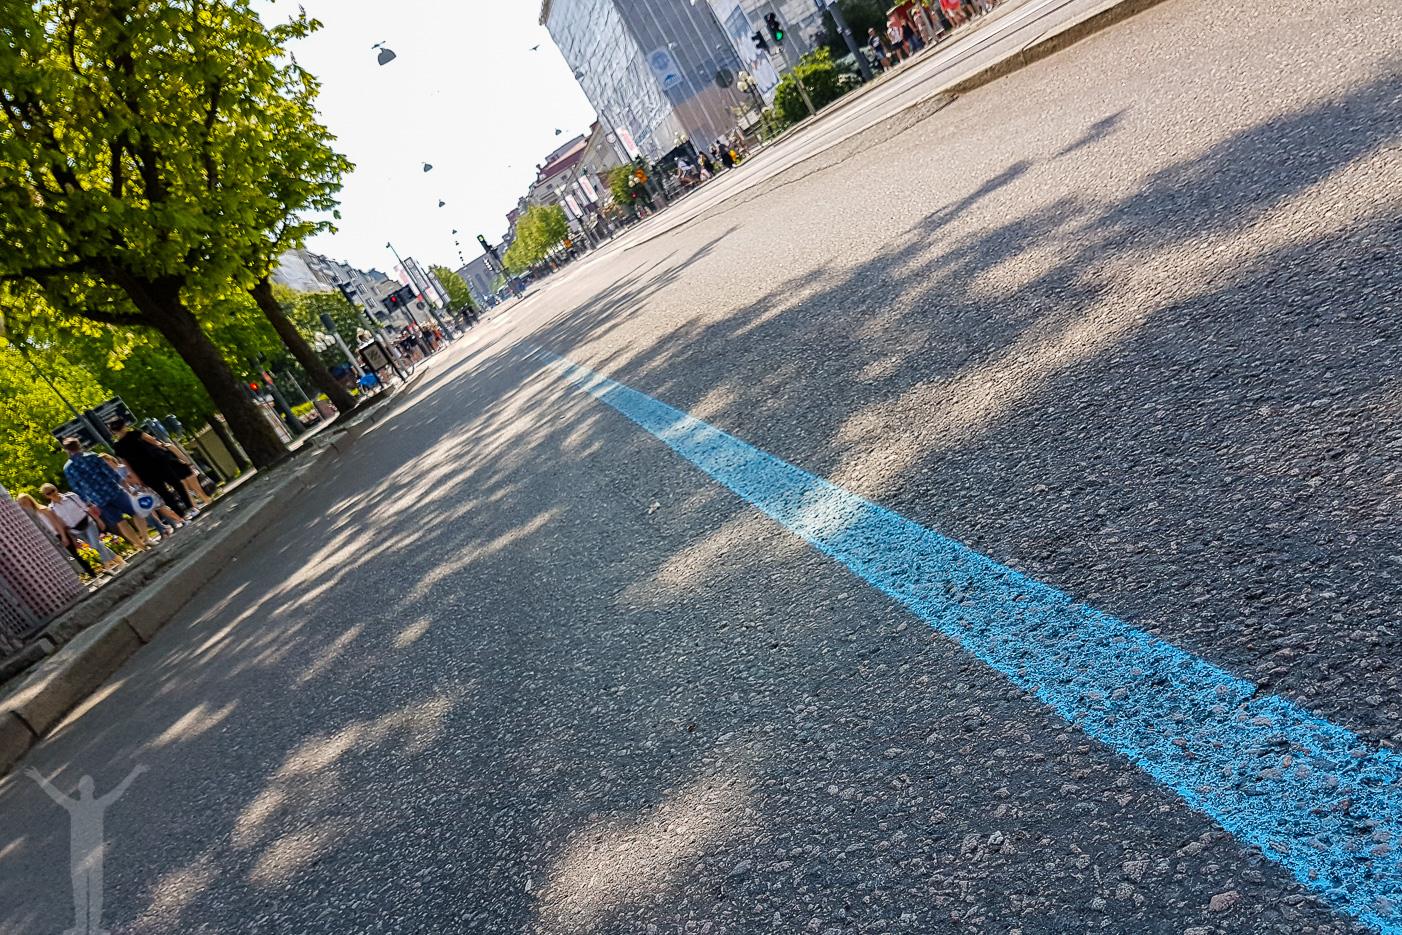 Följ den blå linjen